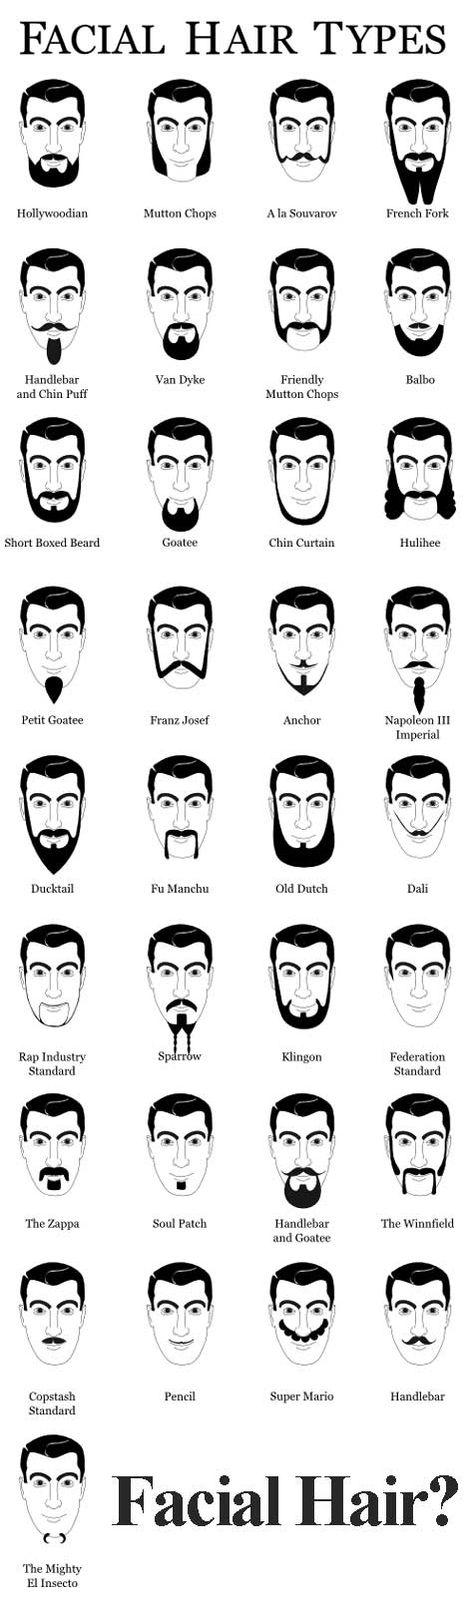 Rap industry standard beard